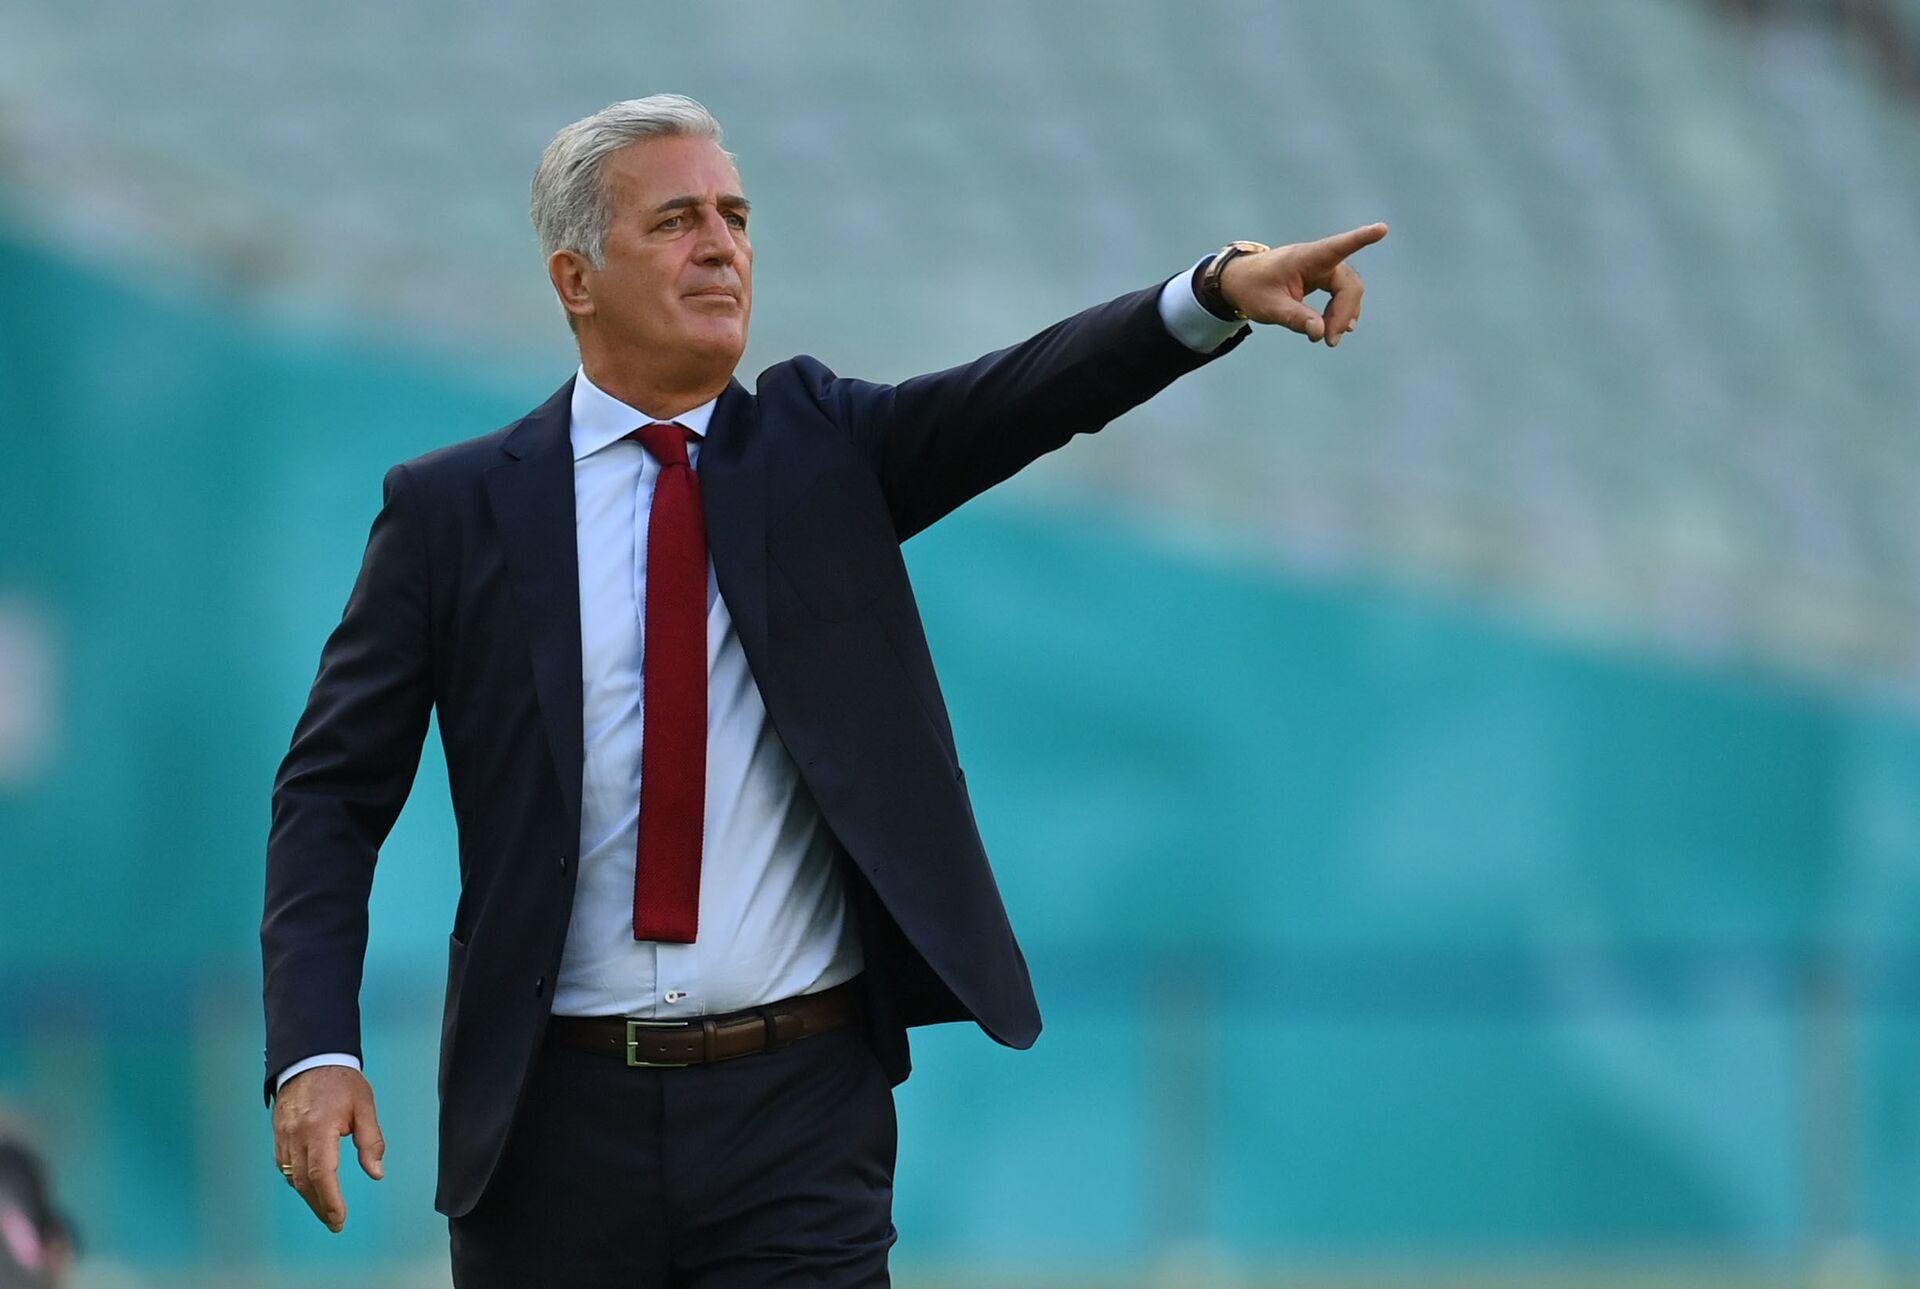 ЕURО 2020: Đội tuyển Italia thắng đội tuyển Thụy Sĩ với tỷ số 3:0 - Sputnik Việt Nam, 1920, 17.06.2021